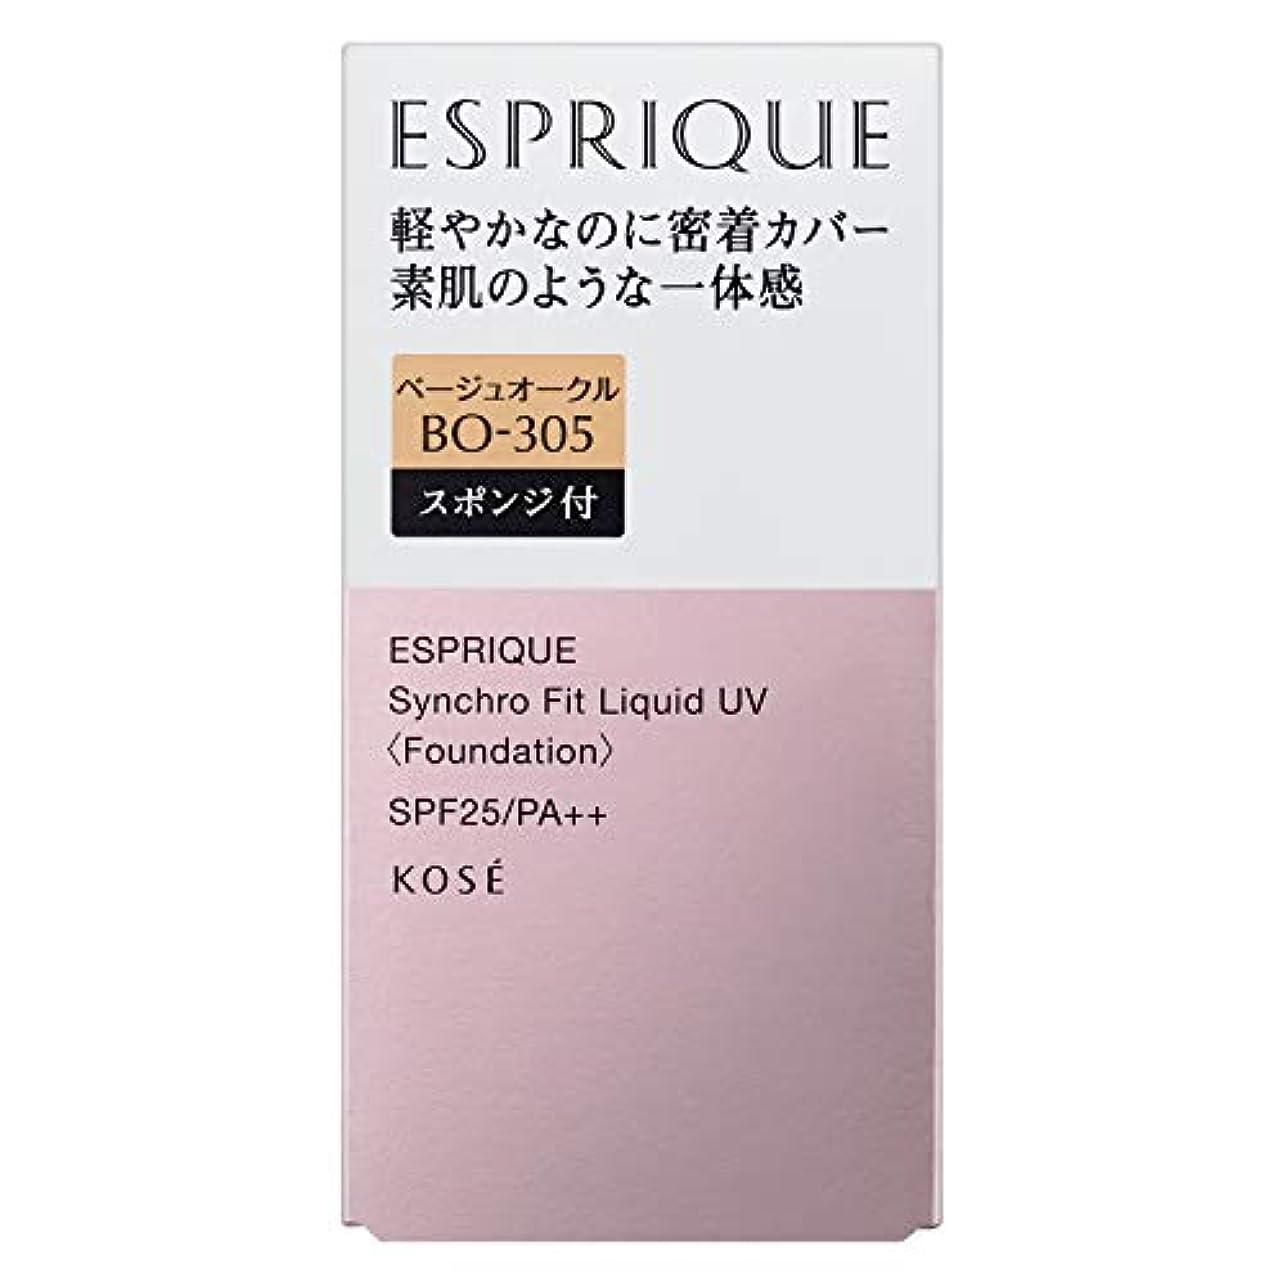 ヶ月目男性エアコンESPRIQUE(エスプリーク) エスプリーク シンクロフィット リキッド UV ファンデーション 無香料 BO-305 ベージュオークル 30g